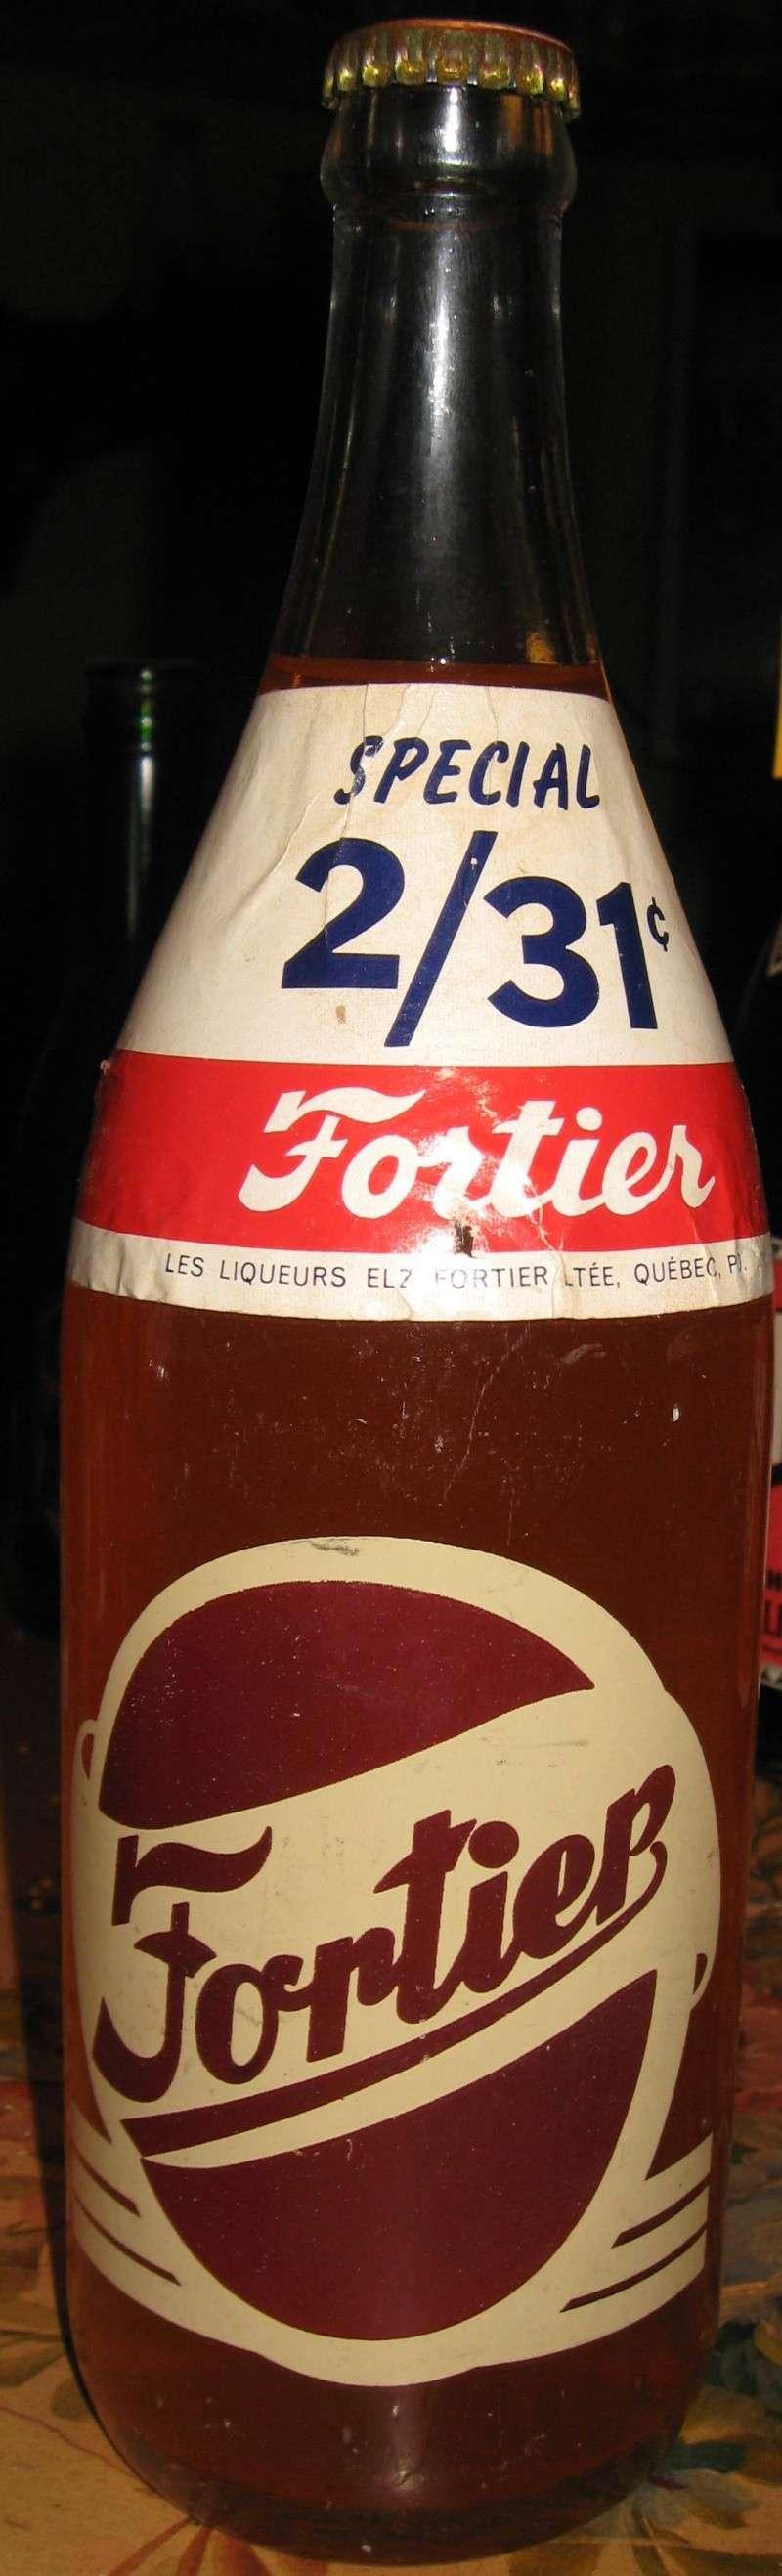 une bouteille fortier  avec etiquette 2 pour 31¢  Photo_86